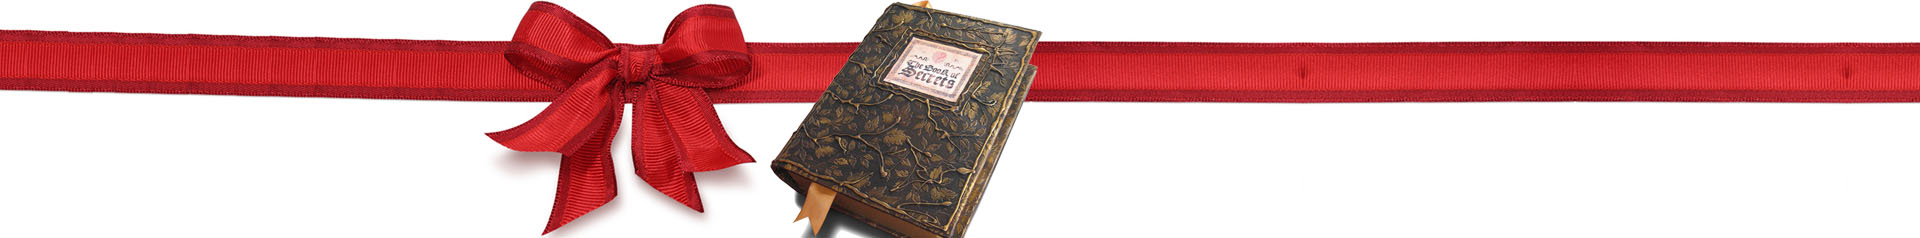 beauty secrets ebook